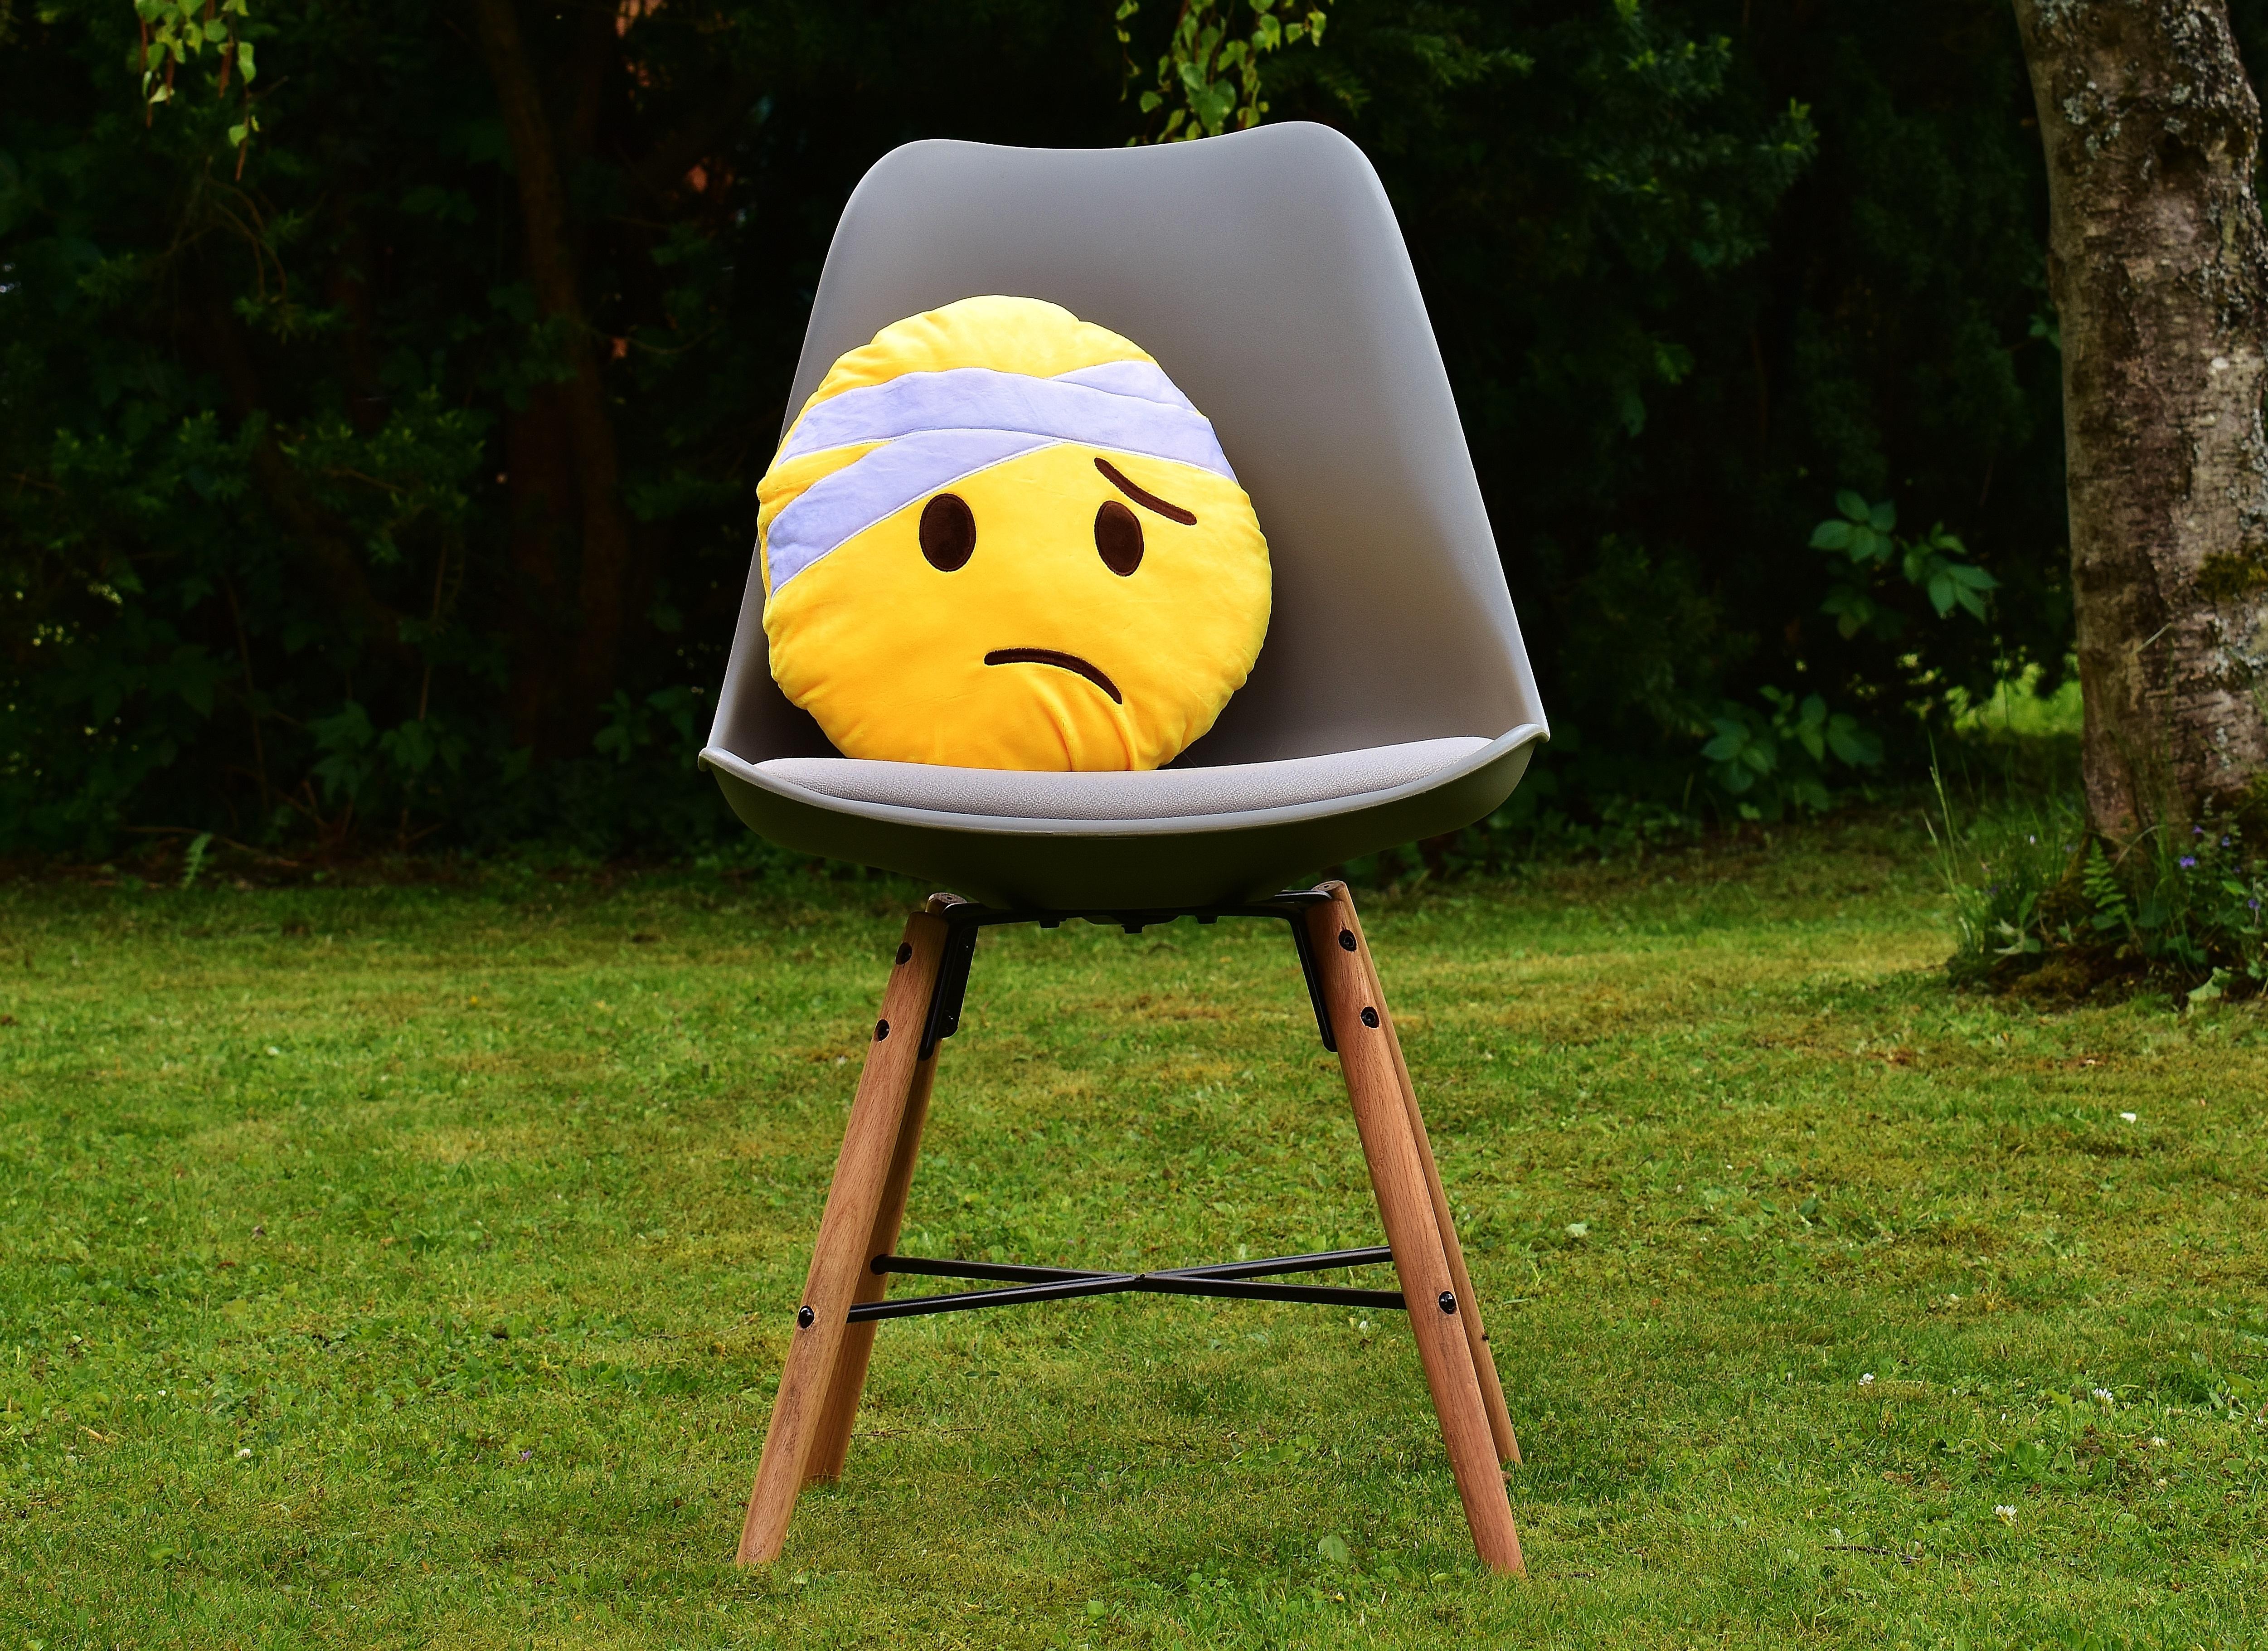 Kostenlose foto : spielen, Sessel, niedlich, Grün, Möbel, Gelb ...